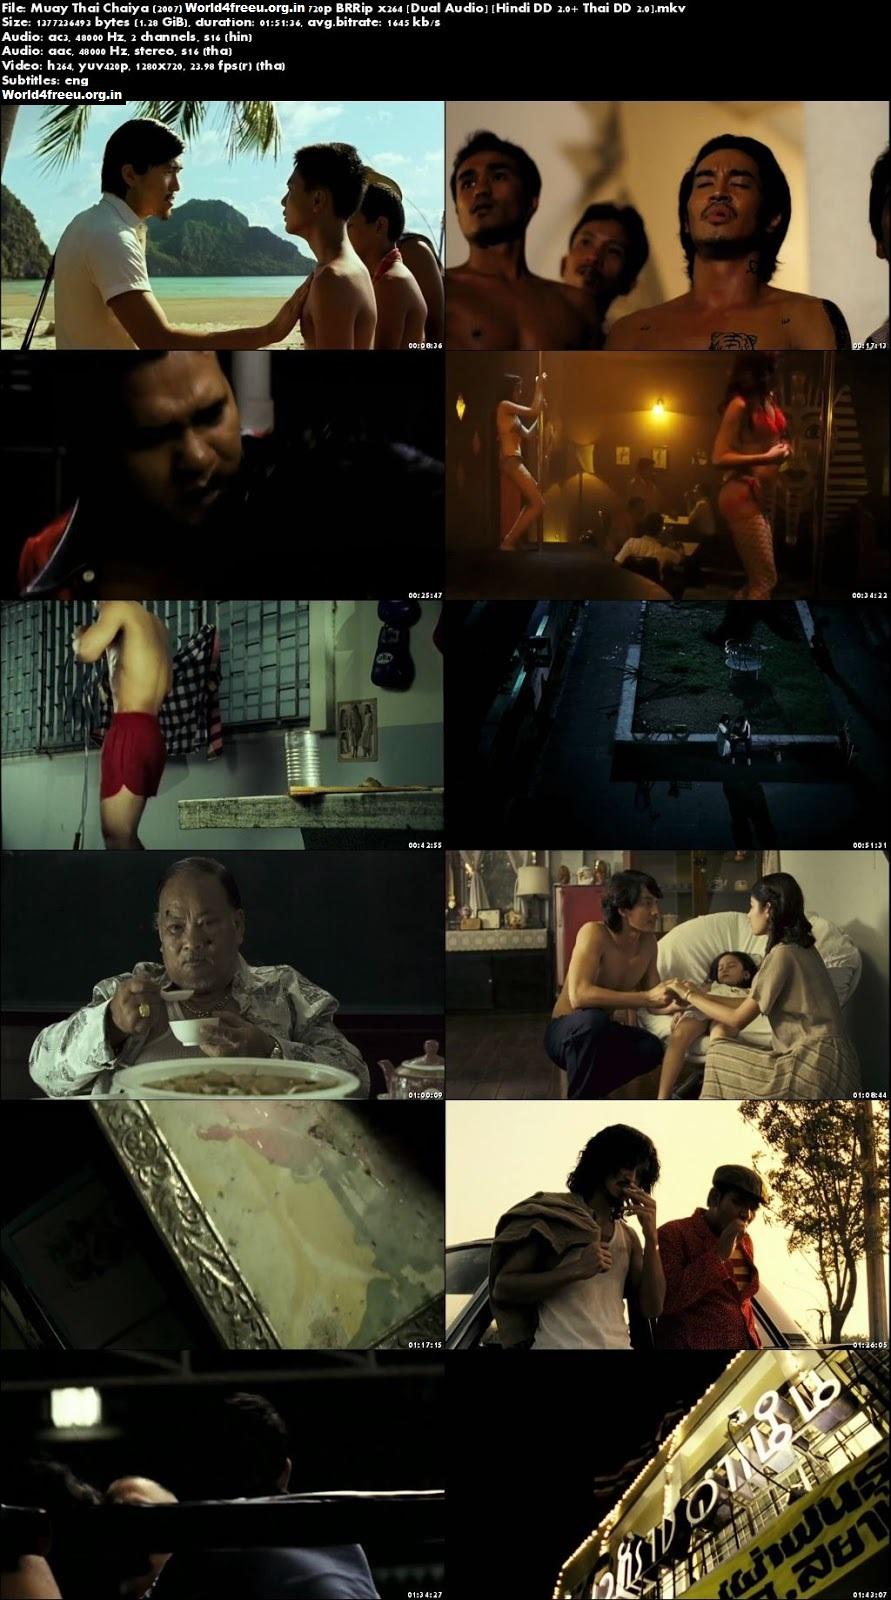 Muay Thai Chaiya 2007 Hollywood Dual Audio Hindi BRRip 720p khatrimaza